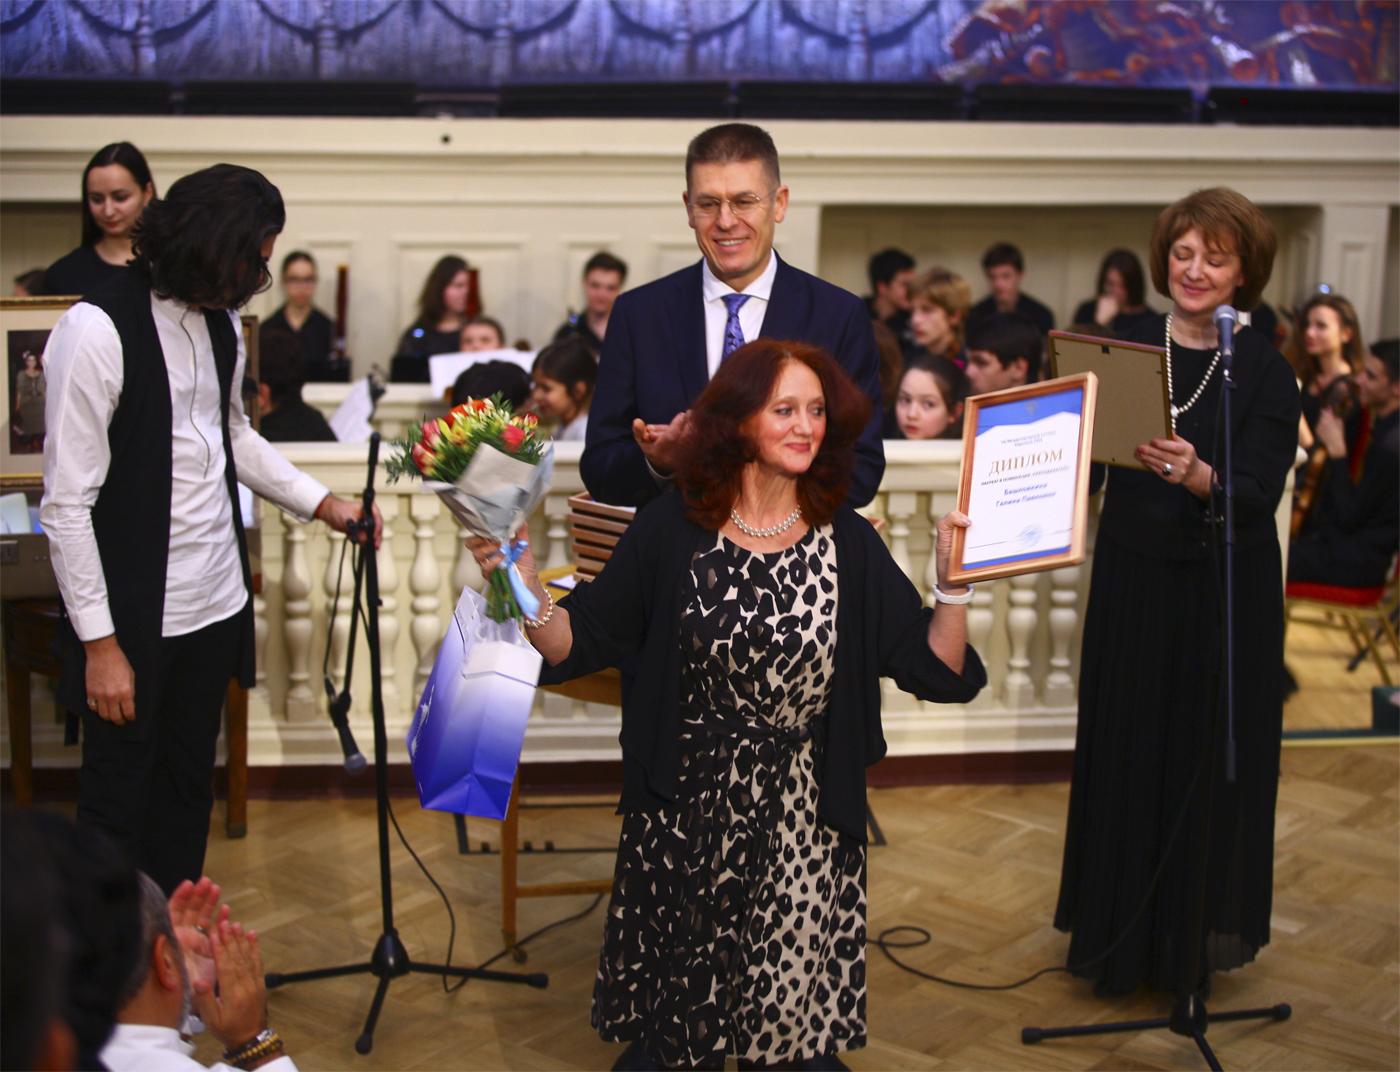 http://vaganovaacademy.ru/vaganova/news/photo/2016.12.01_konkurs_pedagogov/pedagogi_Bashlovkina.jpg